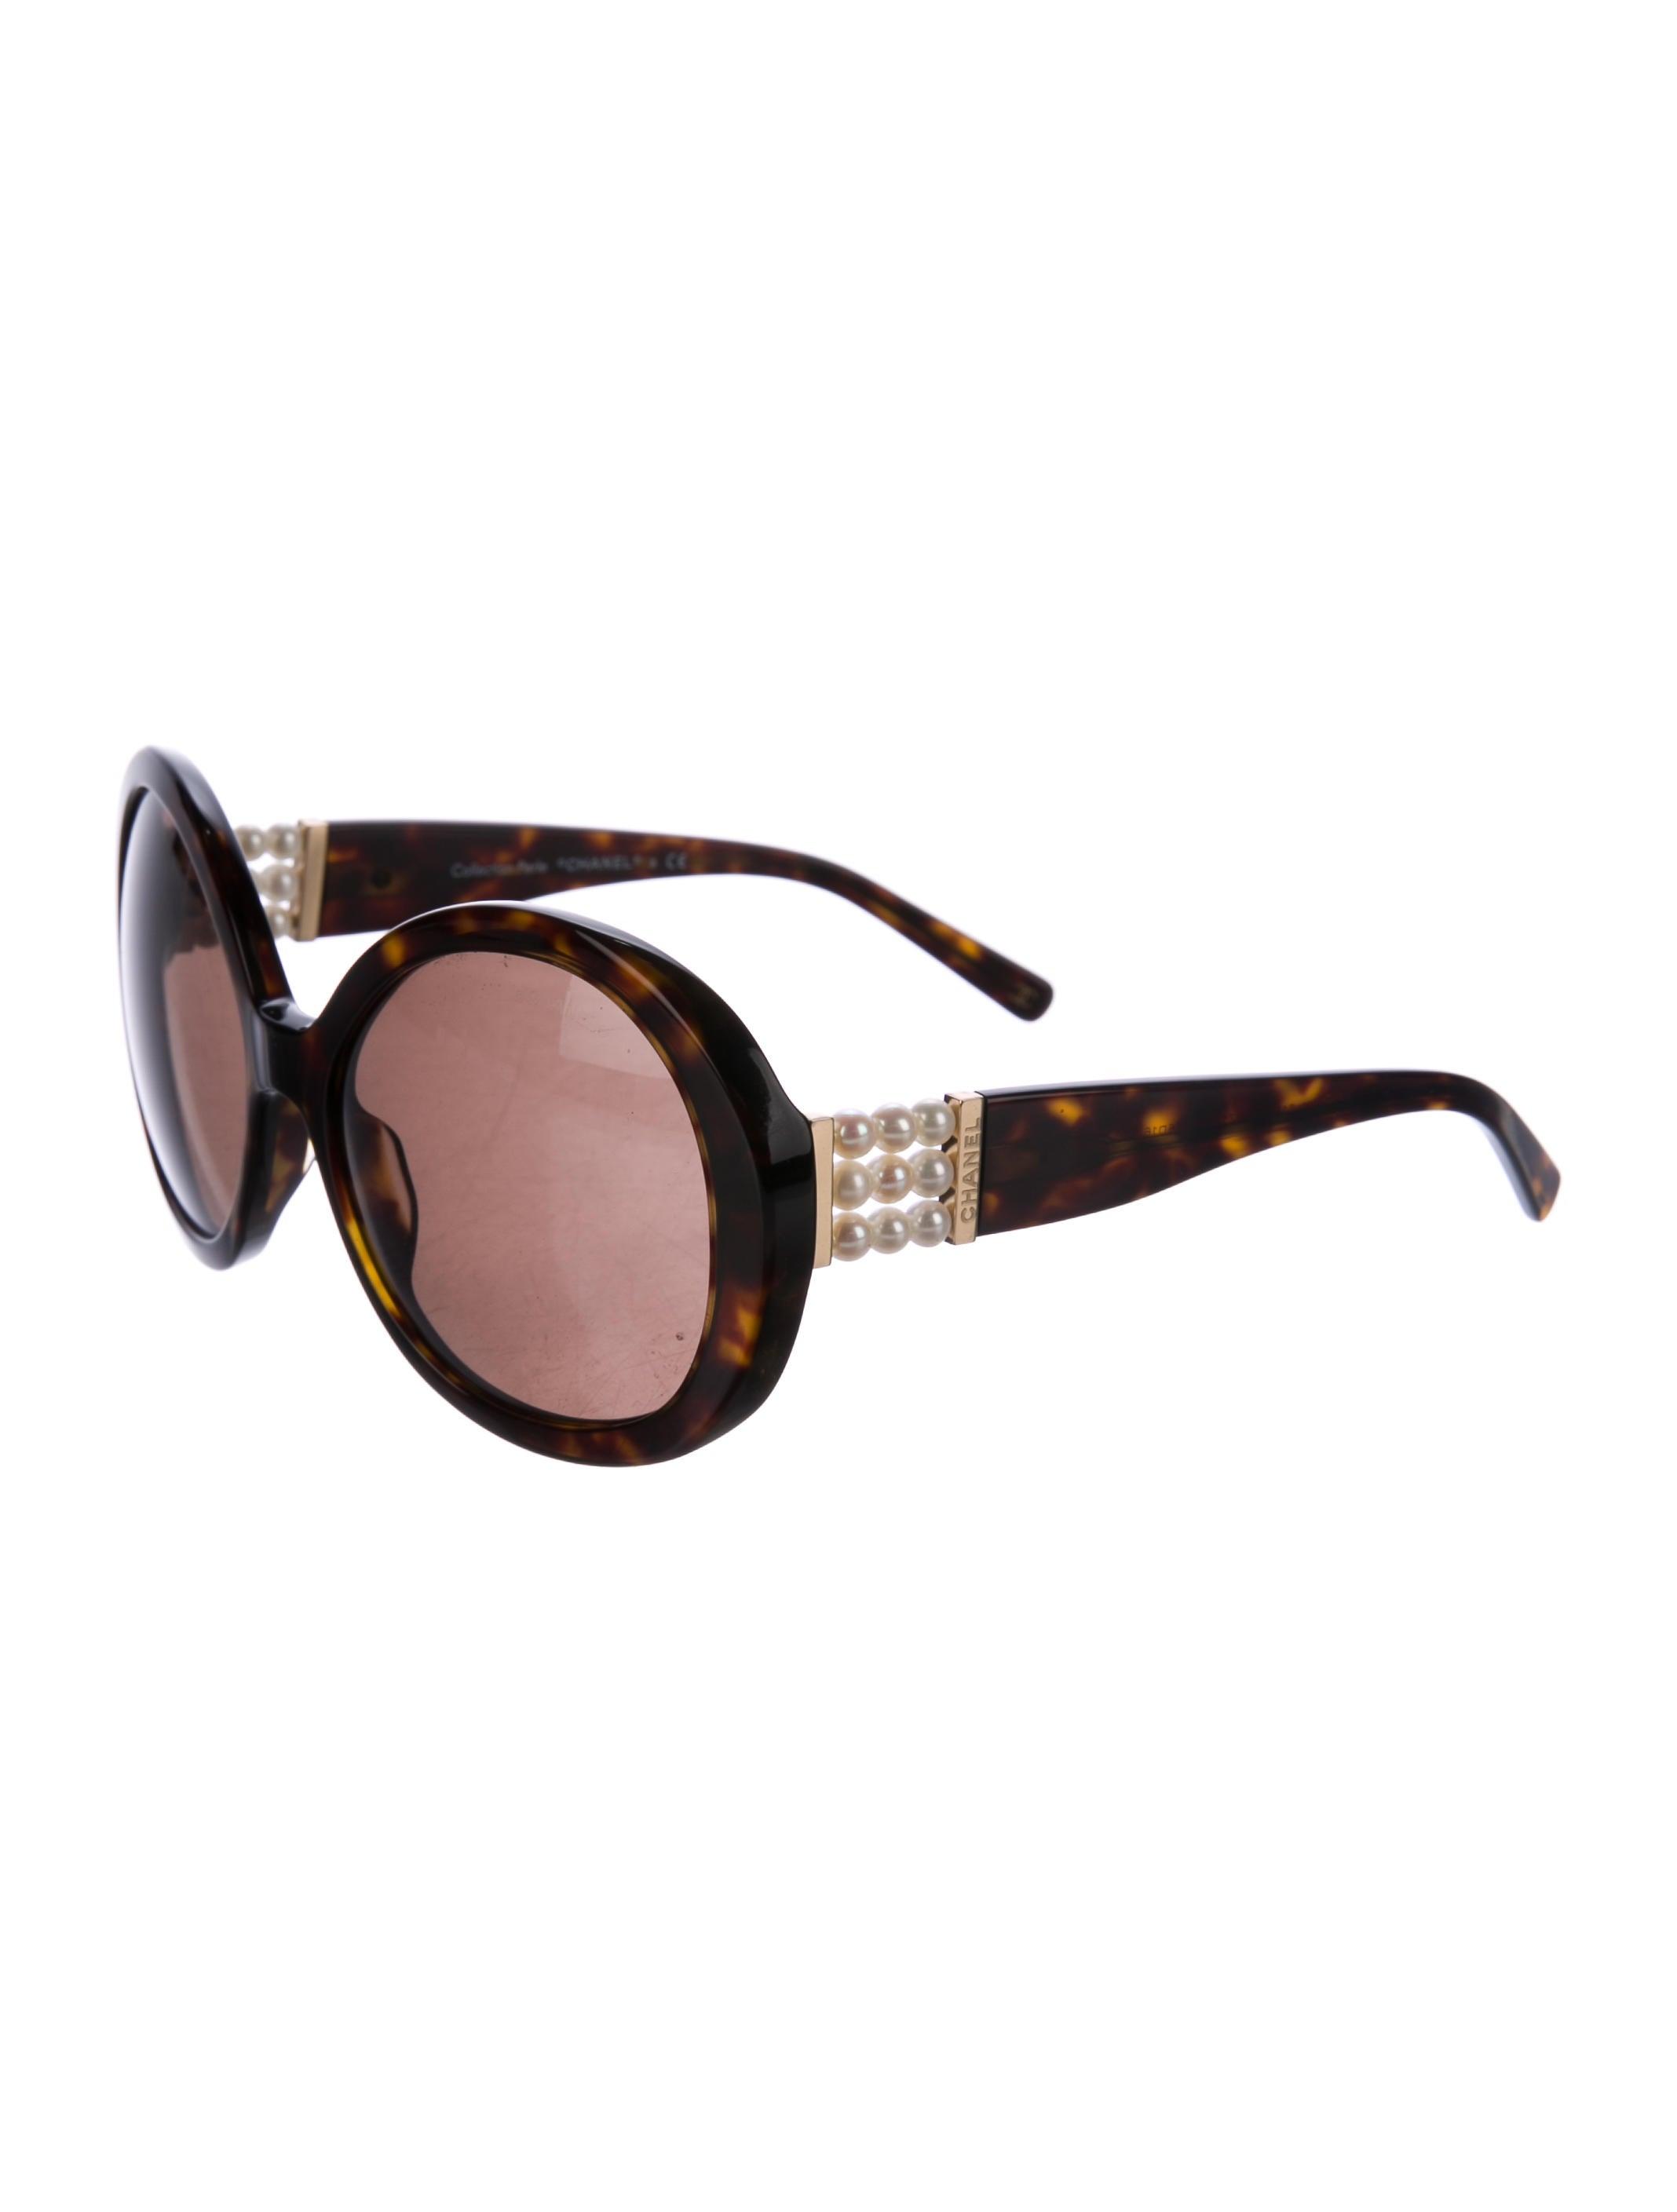 cb6f497f38a Chanel Round Perle Sunglasses - Accessories - CHA194724